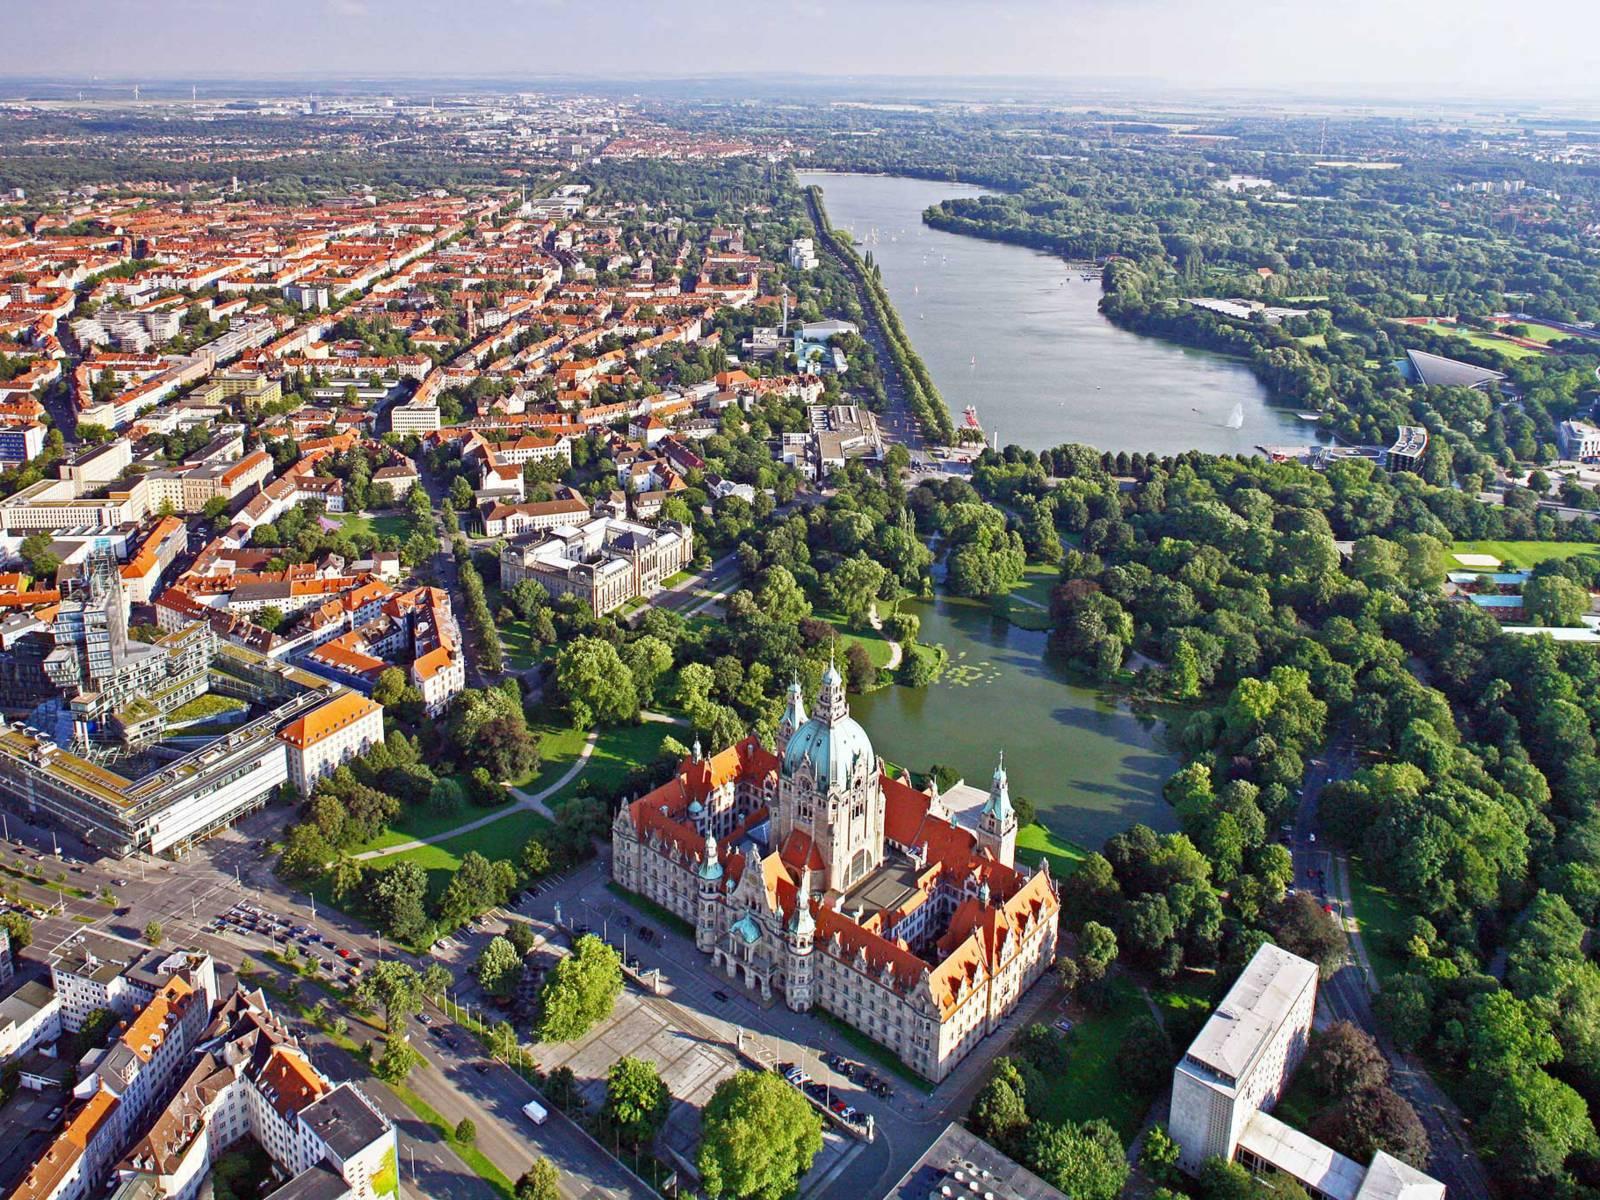 Schrägaufnahme von Hannover mit Blick auf das Neue Rathaus, die Südstadt und den Maschsee.